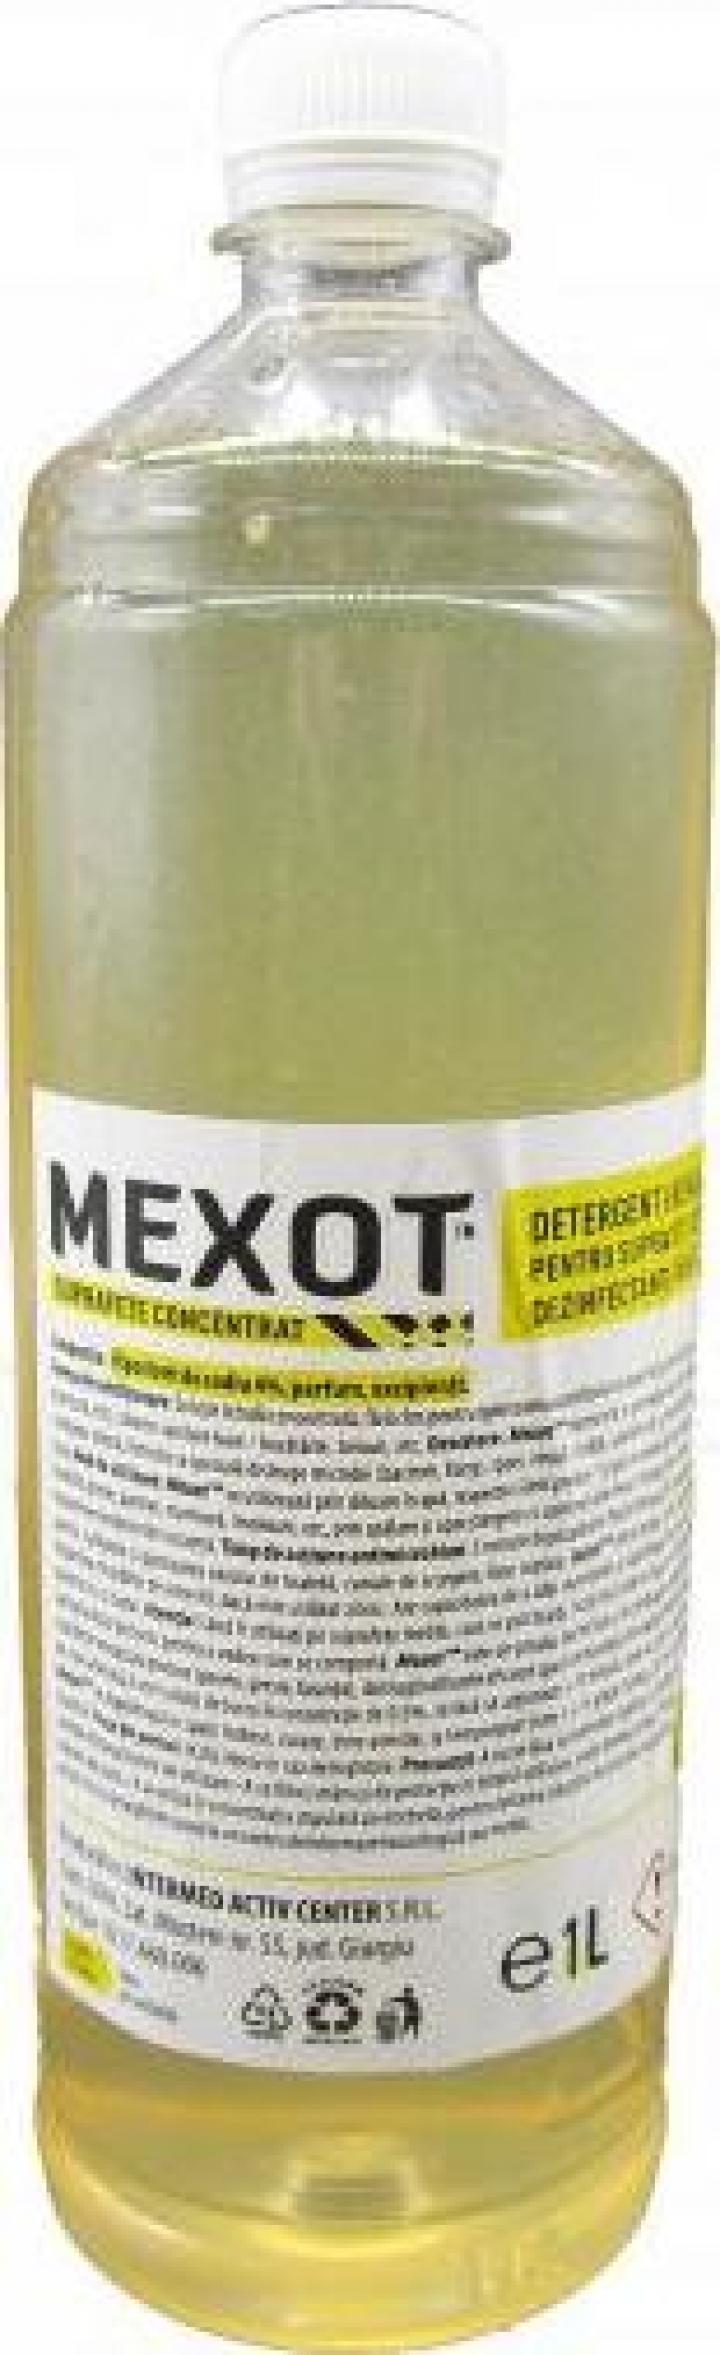 Solutie concentrata/suprafete, Dr. Glomax - Mexot, 1l